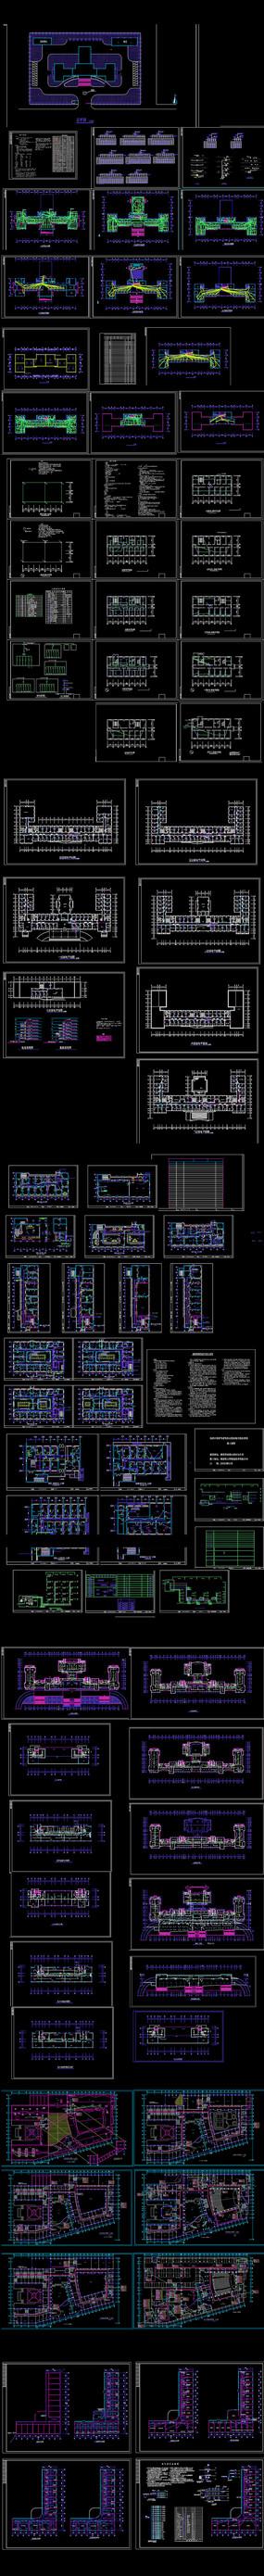 办公楼施工图